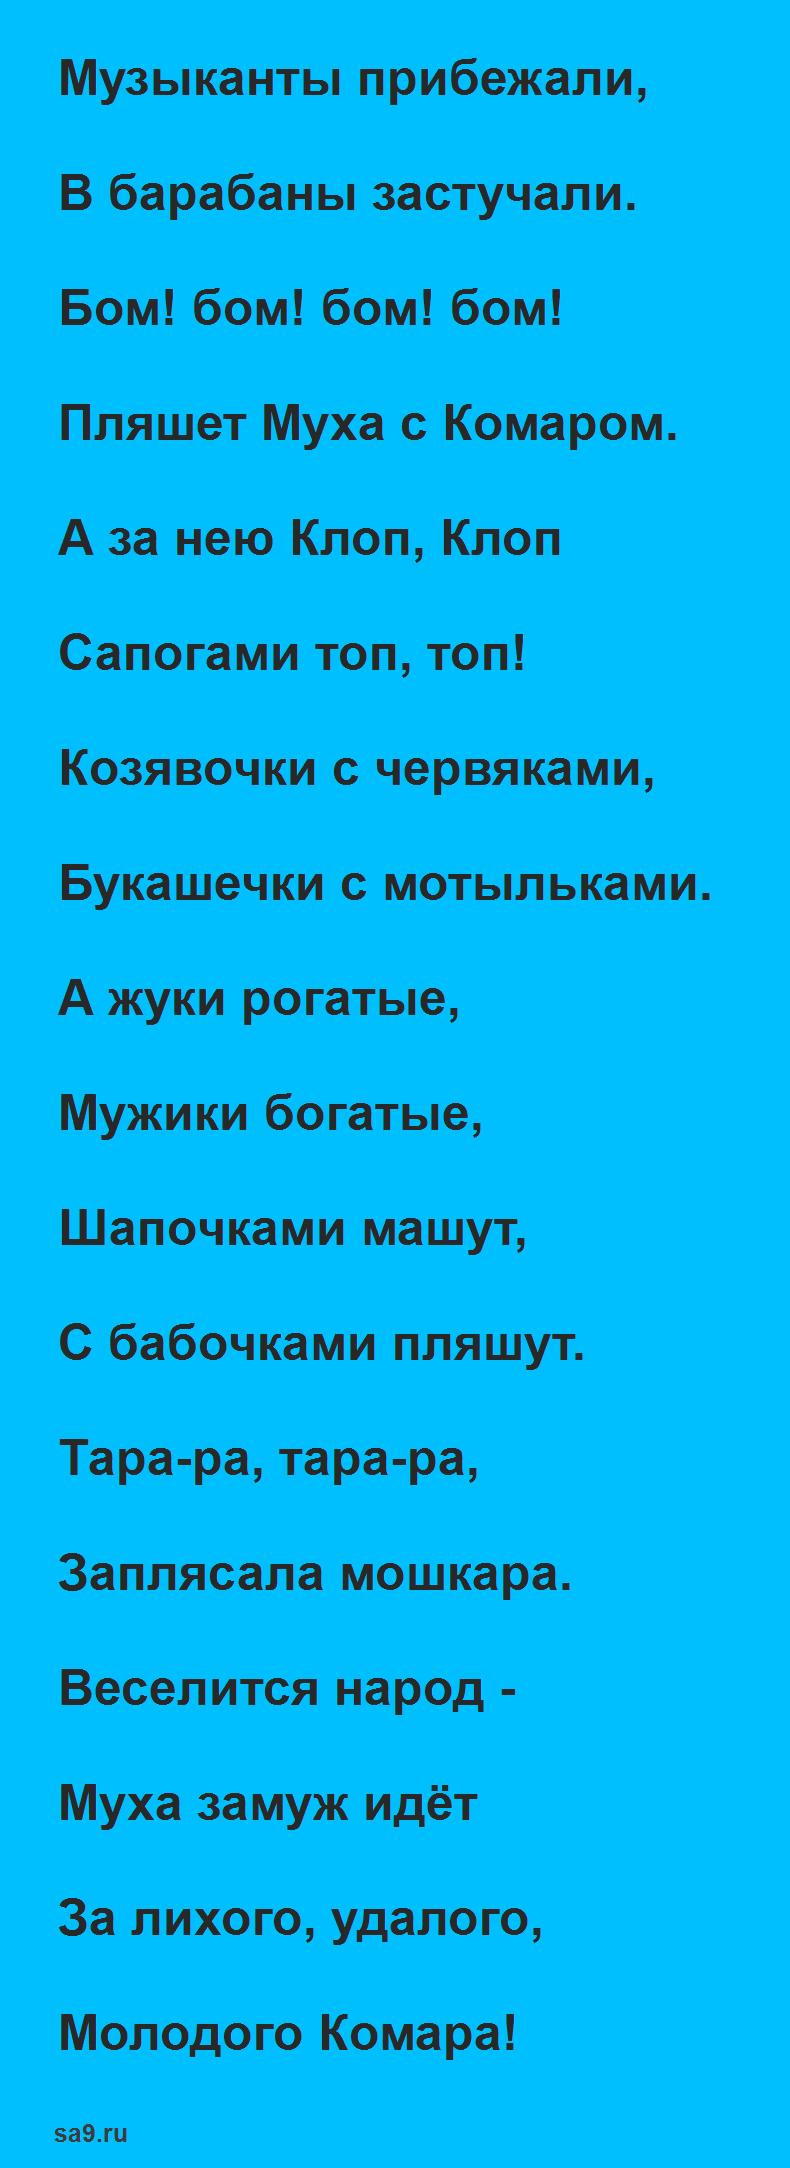 Сказка Чуковского 'Муха-Цокотуха', читать и скачать бесплатно